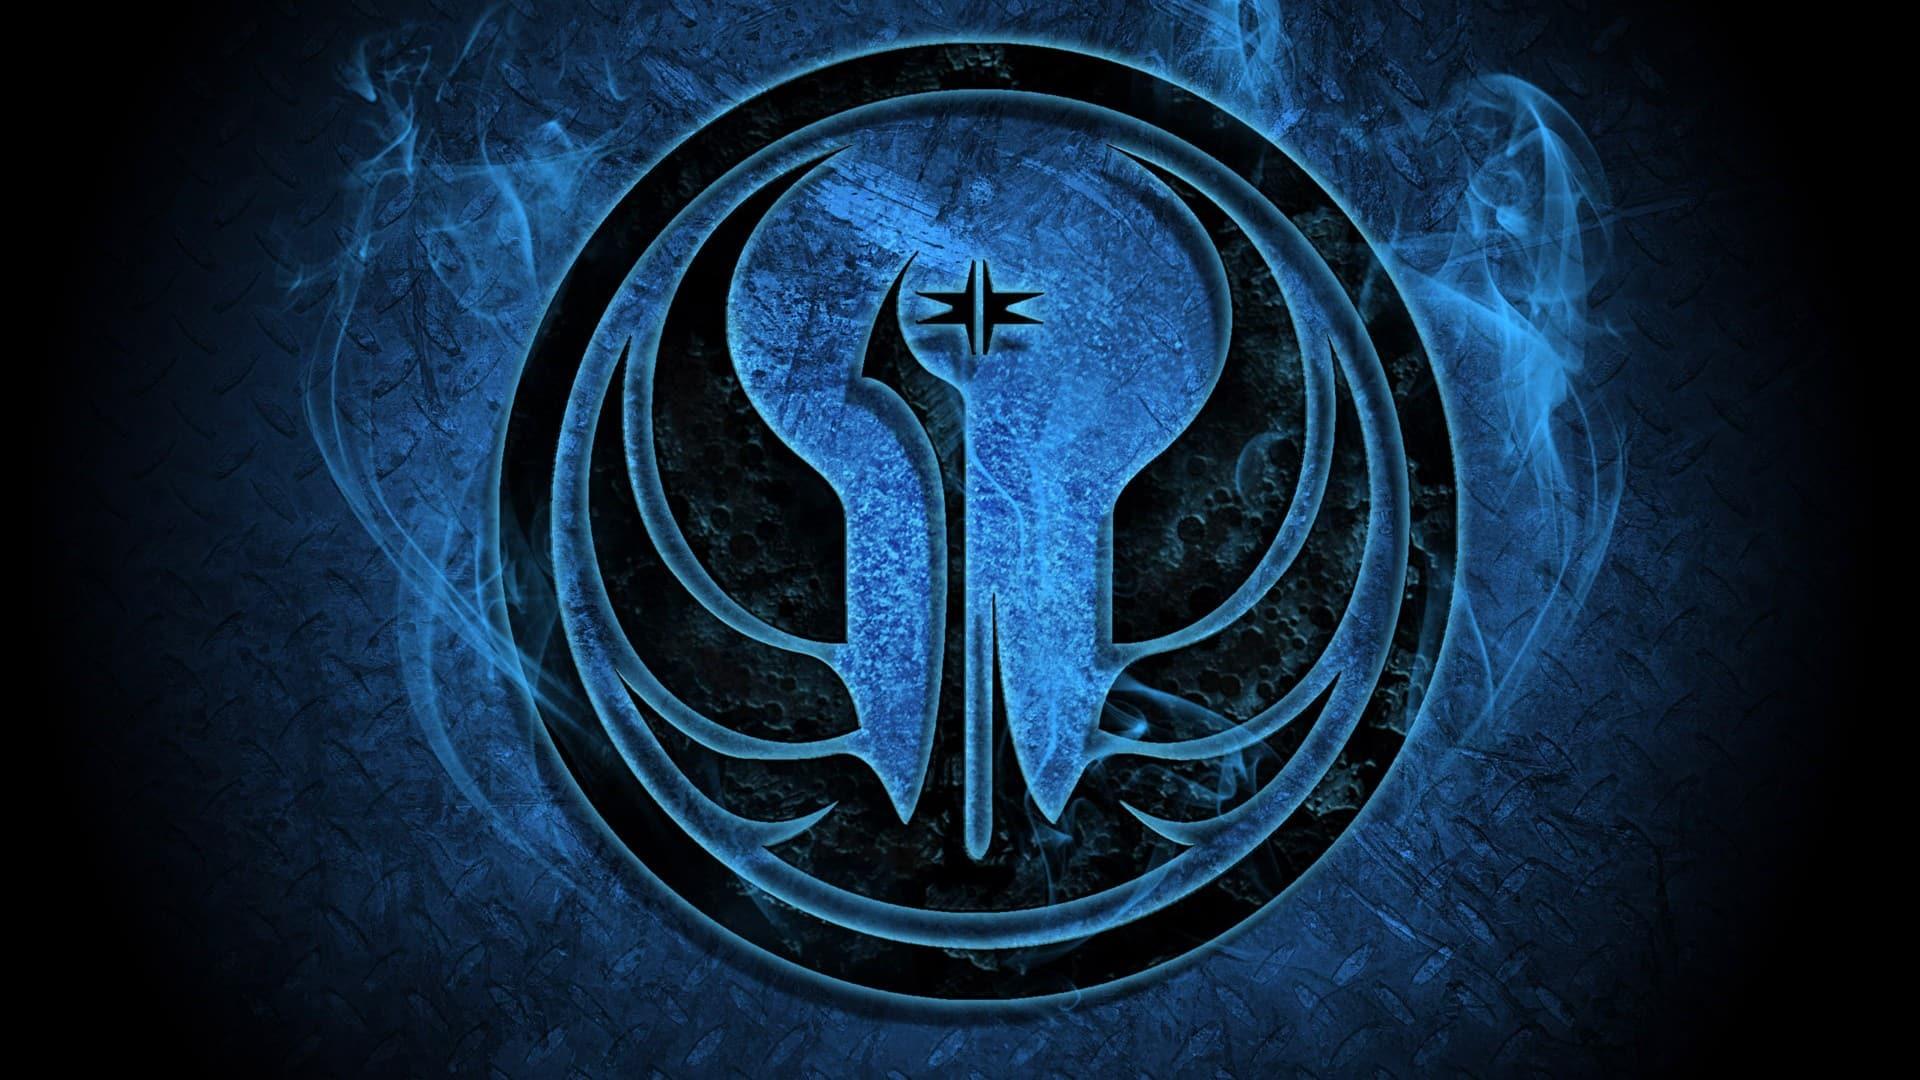 logo-republique-jedi-swtor-tier-list-separation